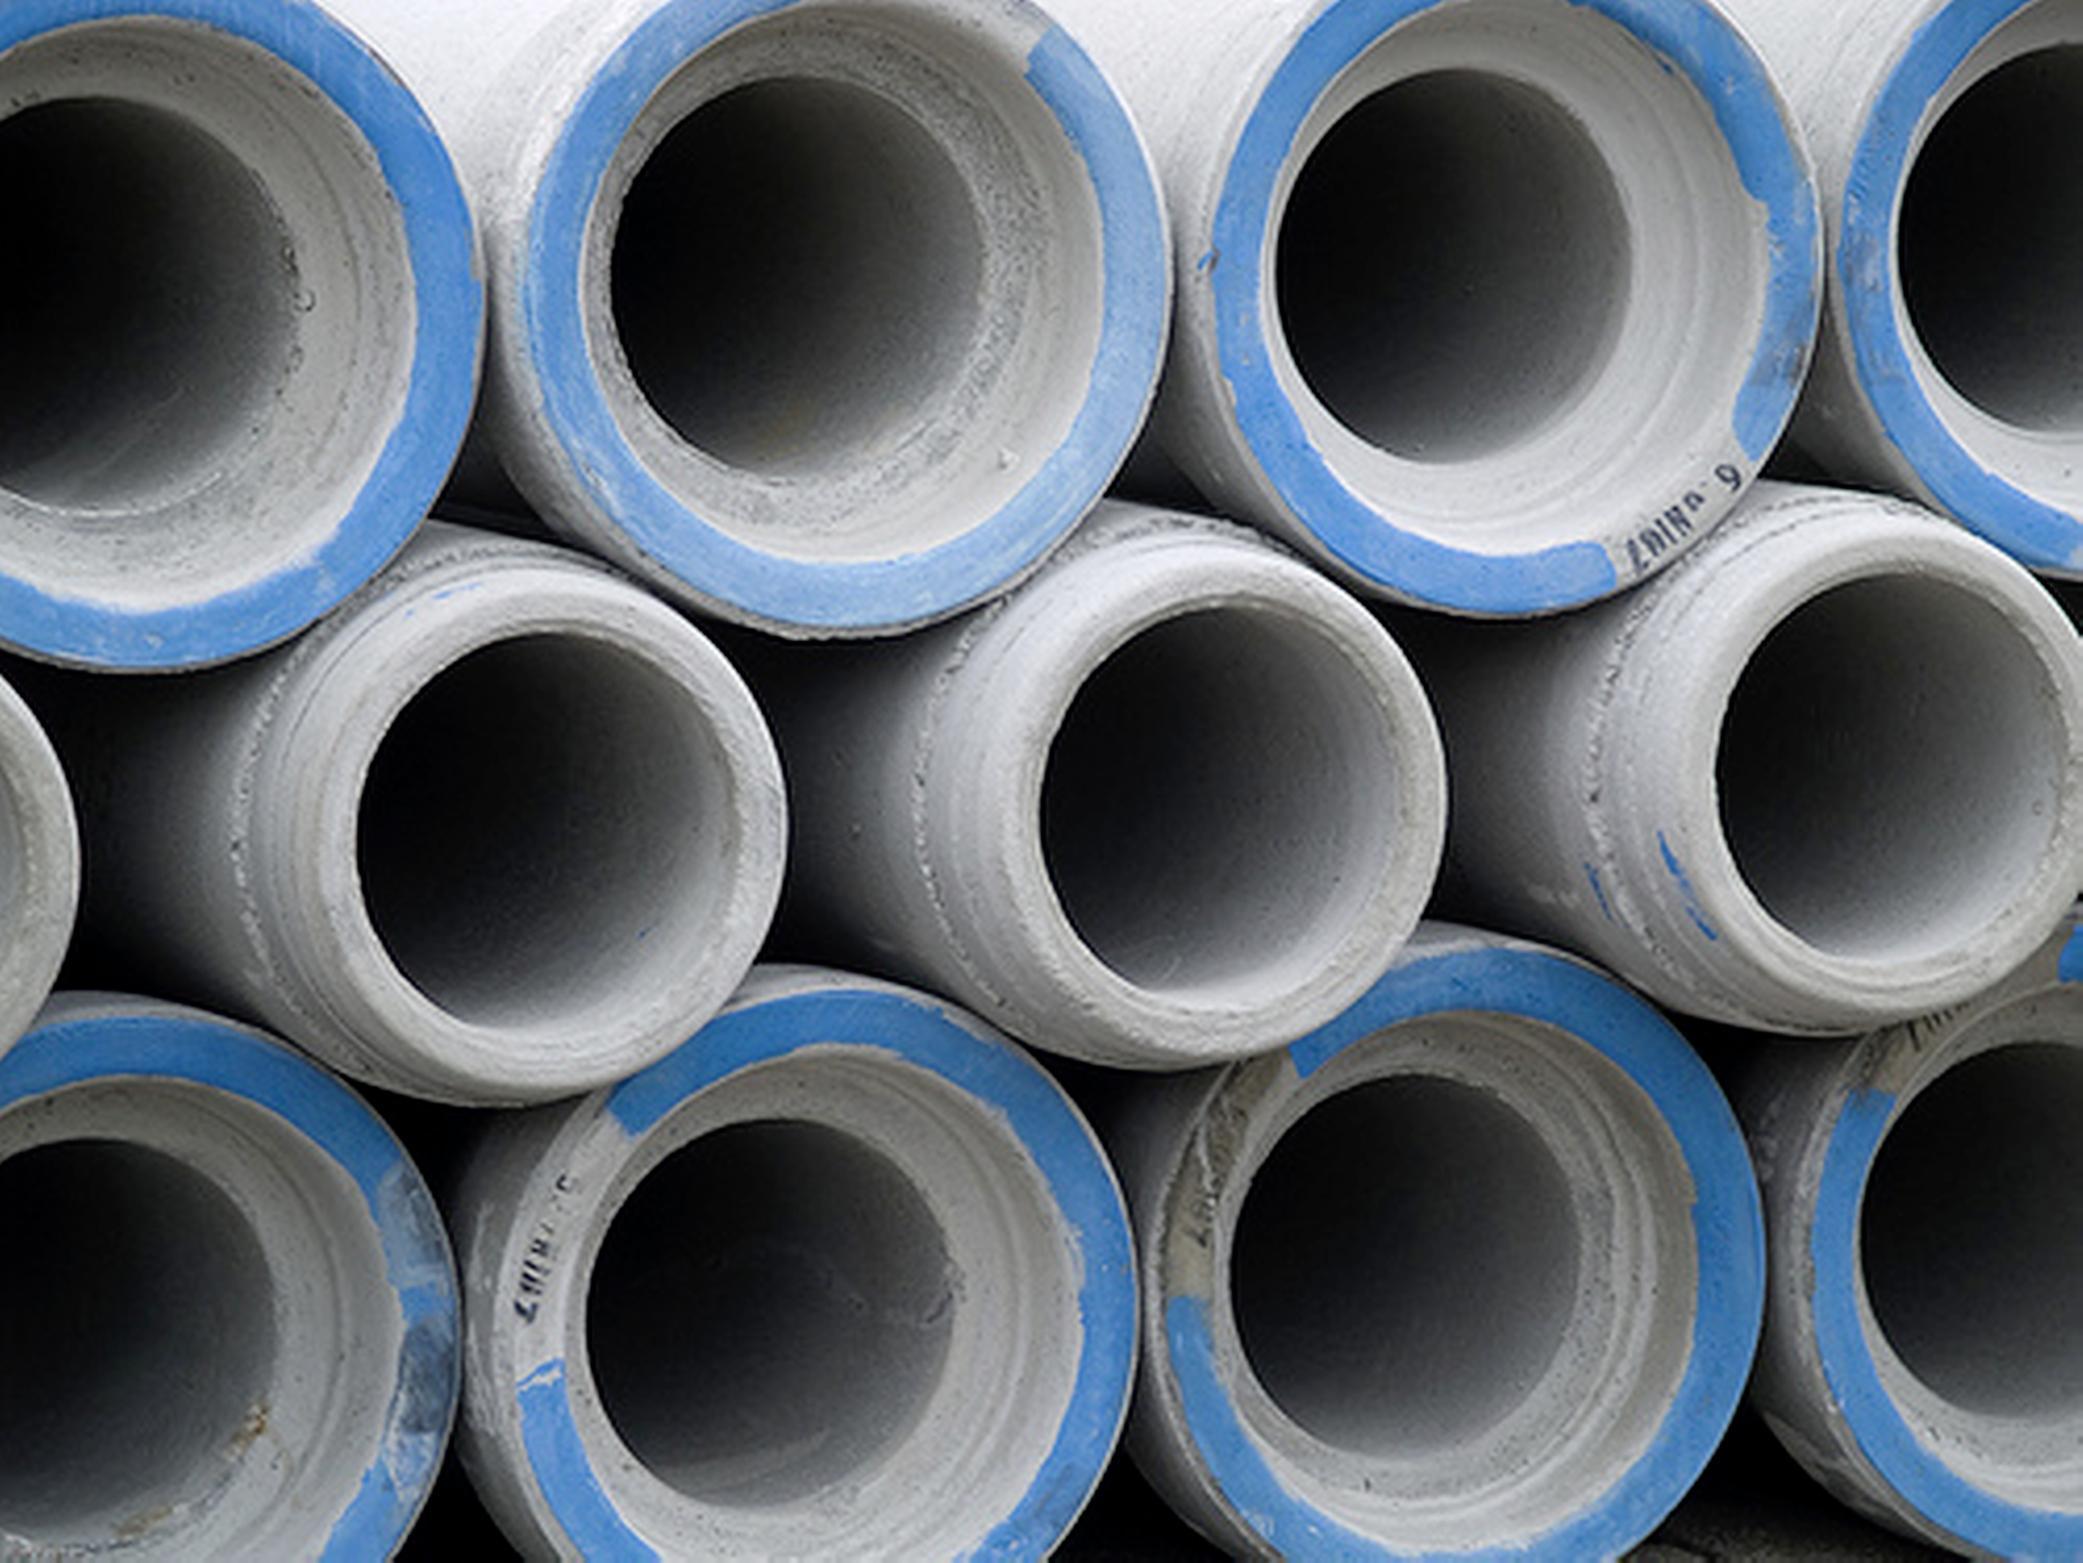 Alkmaarse watertechniekbedrijven maken na faillissement doorstart en komen in handen van nieuwe eigenaar. 'Na langdurig onderhandelen is overeenstemming bereikt'